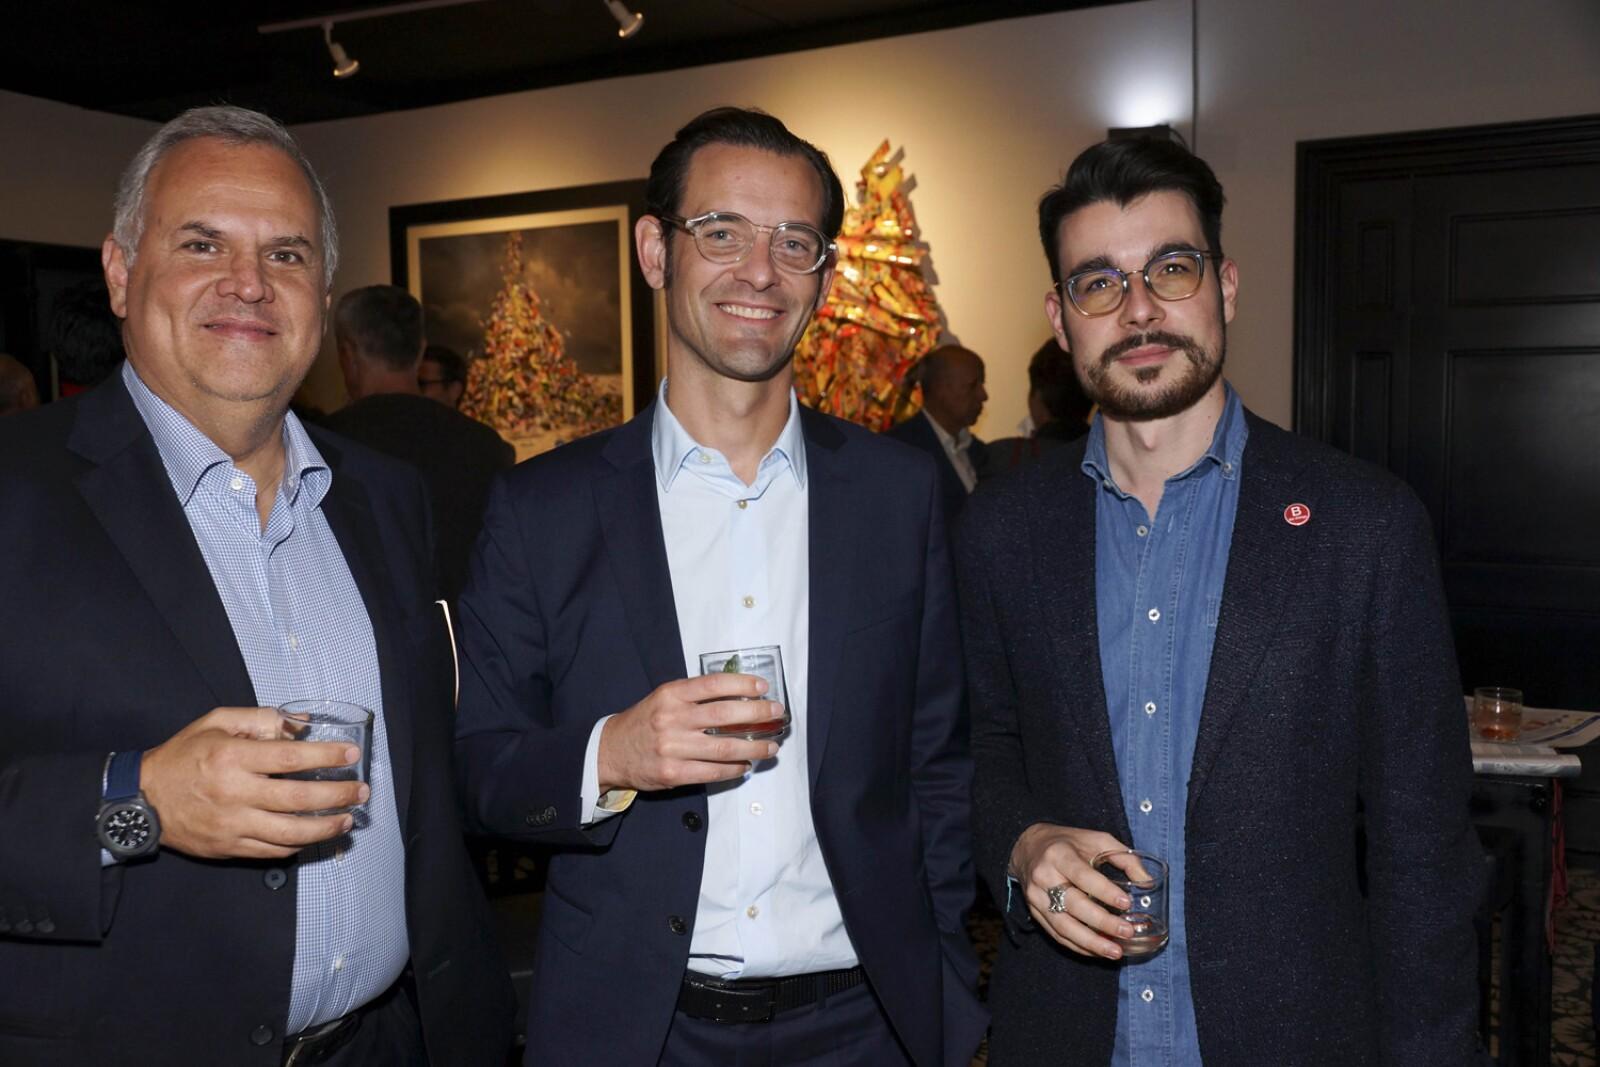 Jose Luis Olivero, Maxime Michel, Remi Martini.jpg